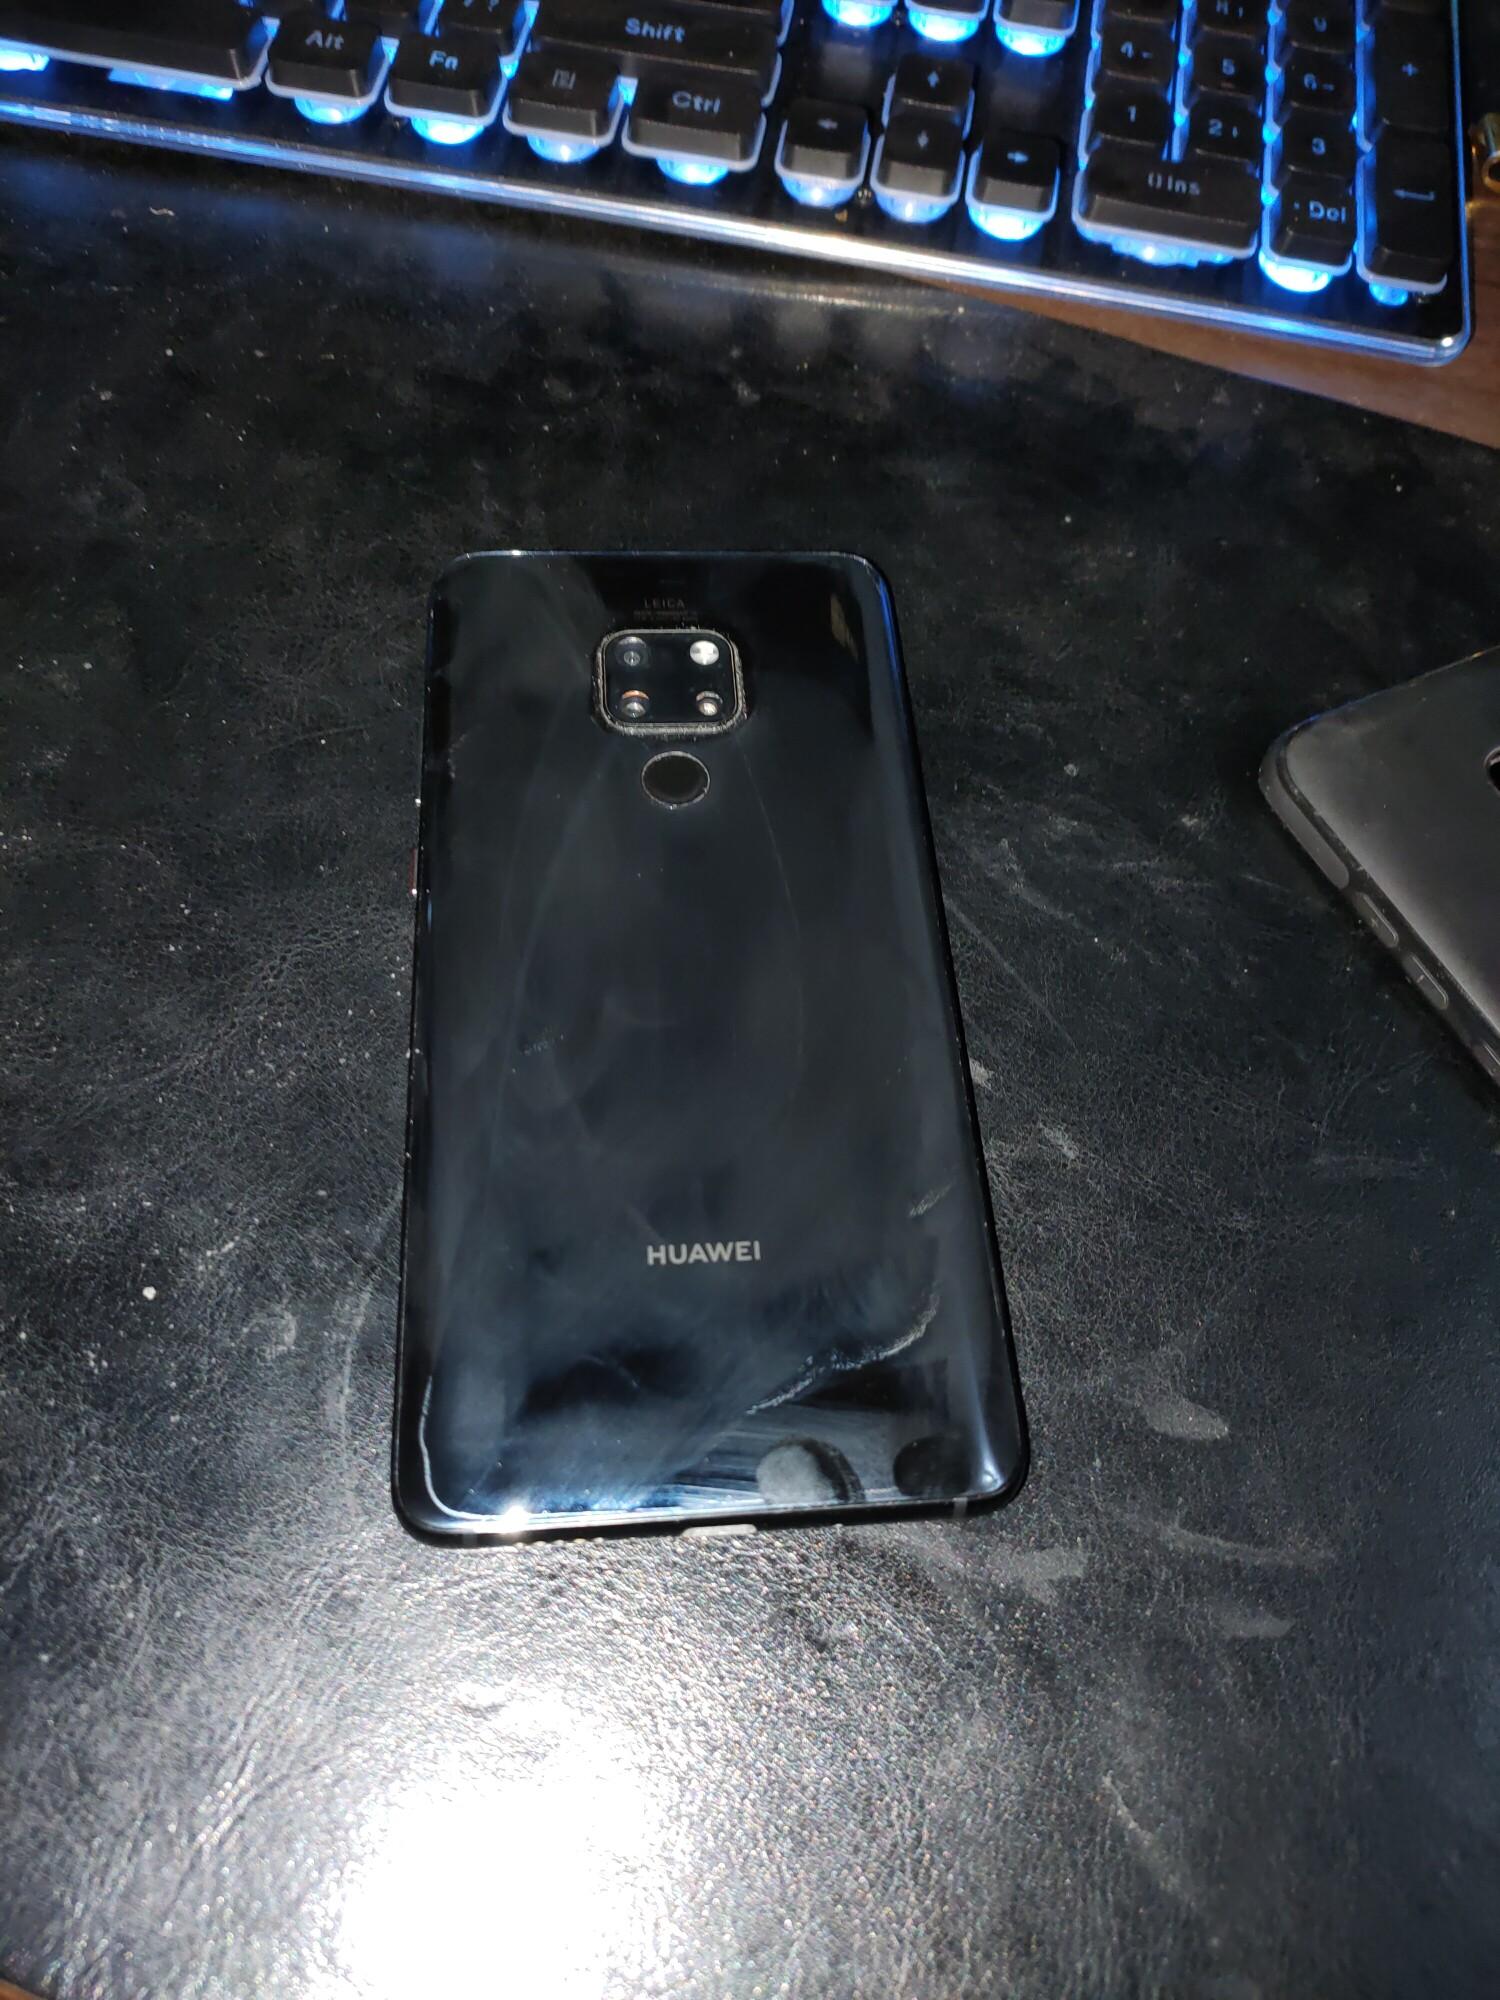 华为mate20手机九成新,屏幕机身无划痕,包装盒,配件齐全